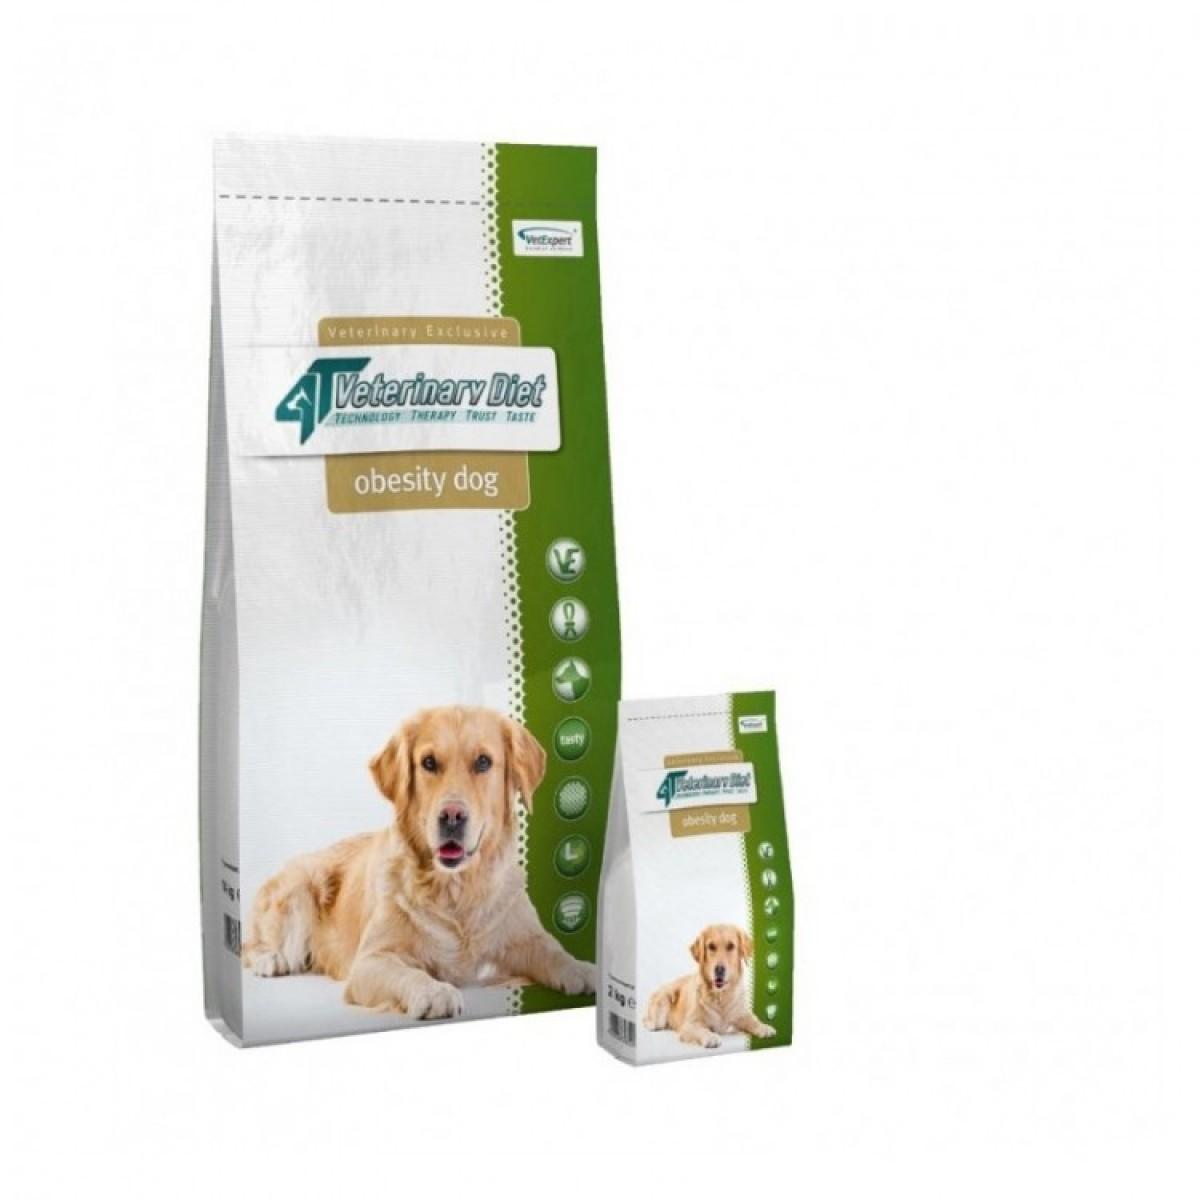 4T Veterinary Diet Obesity Dog 2 kg